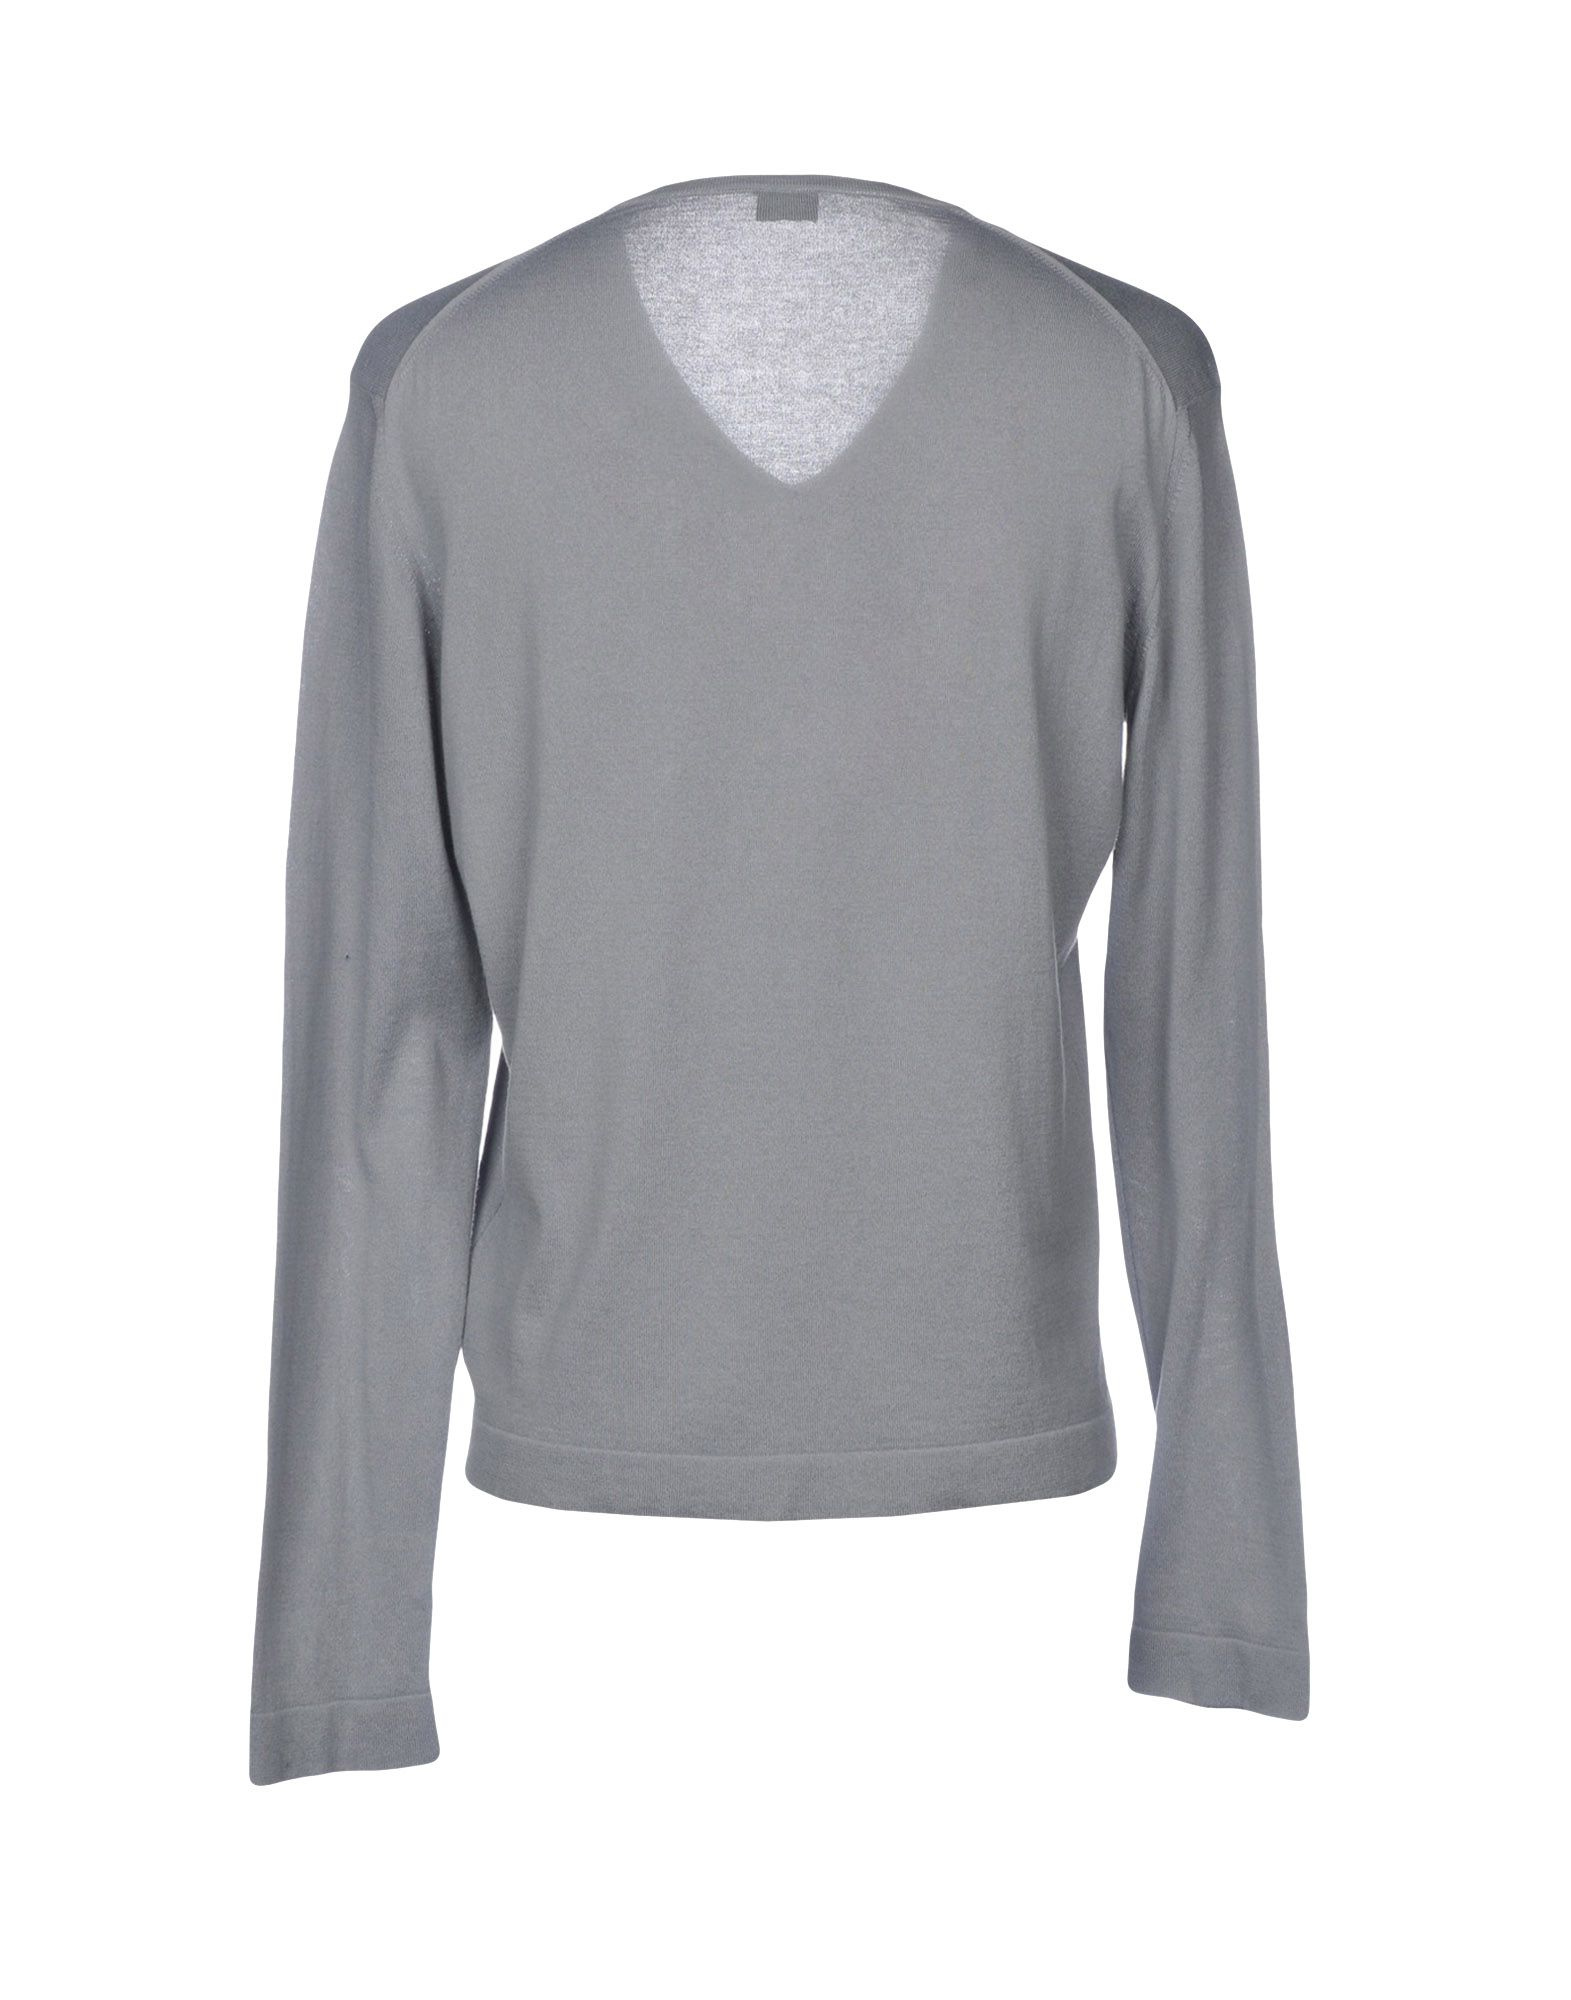 Pullover Pullover Pullover Jil Sander Uomo - 39887900OV 382fbf